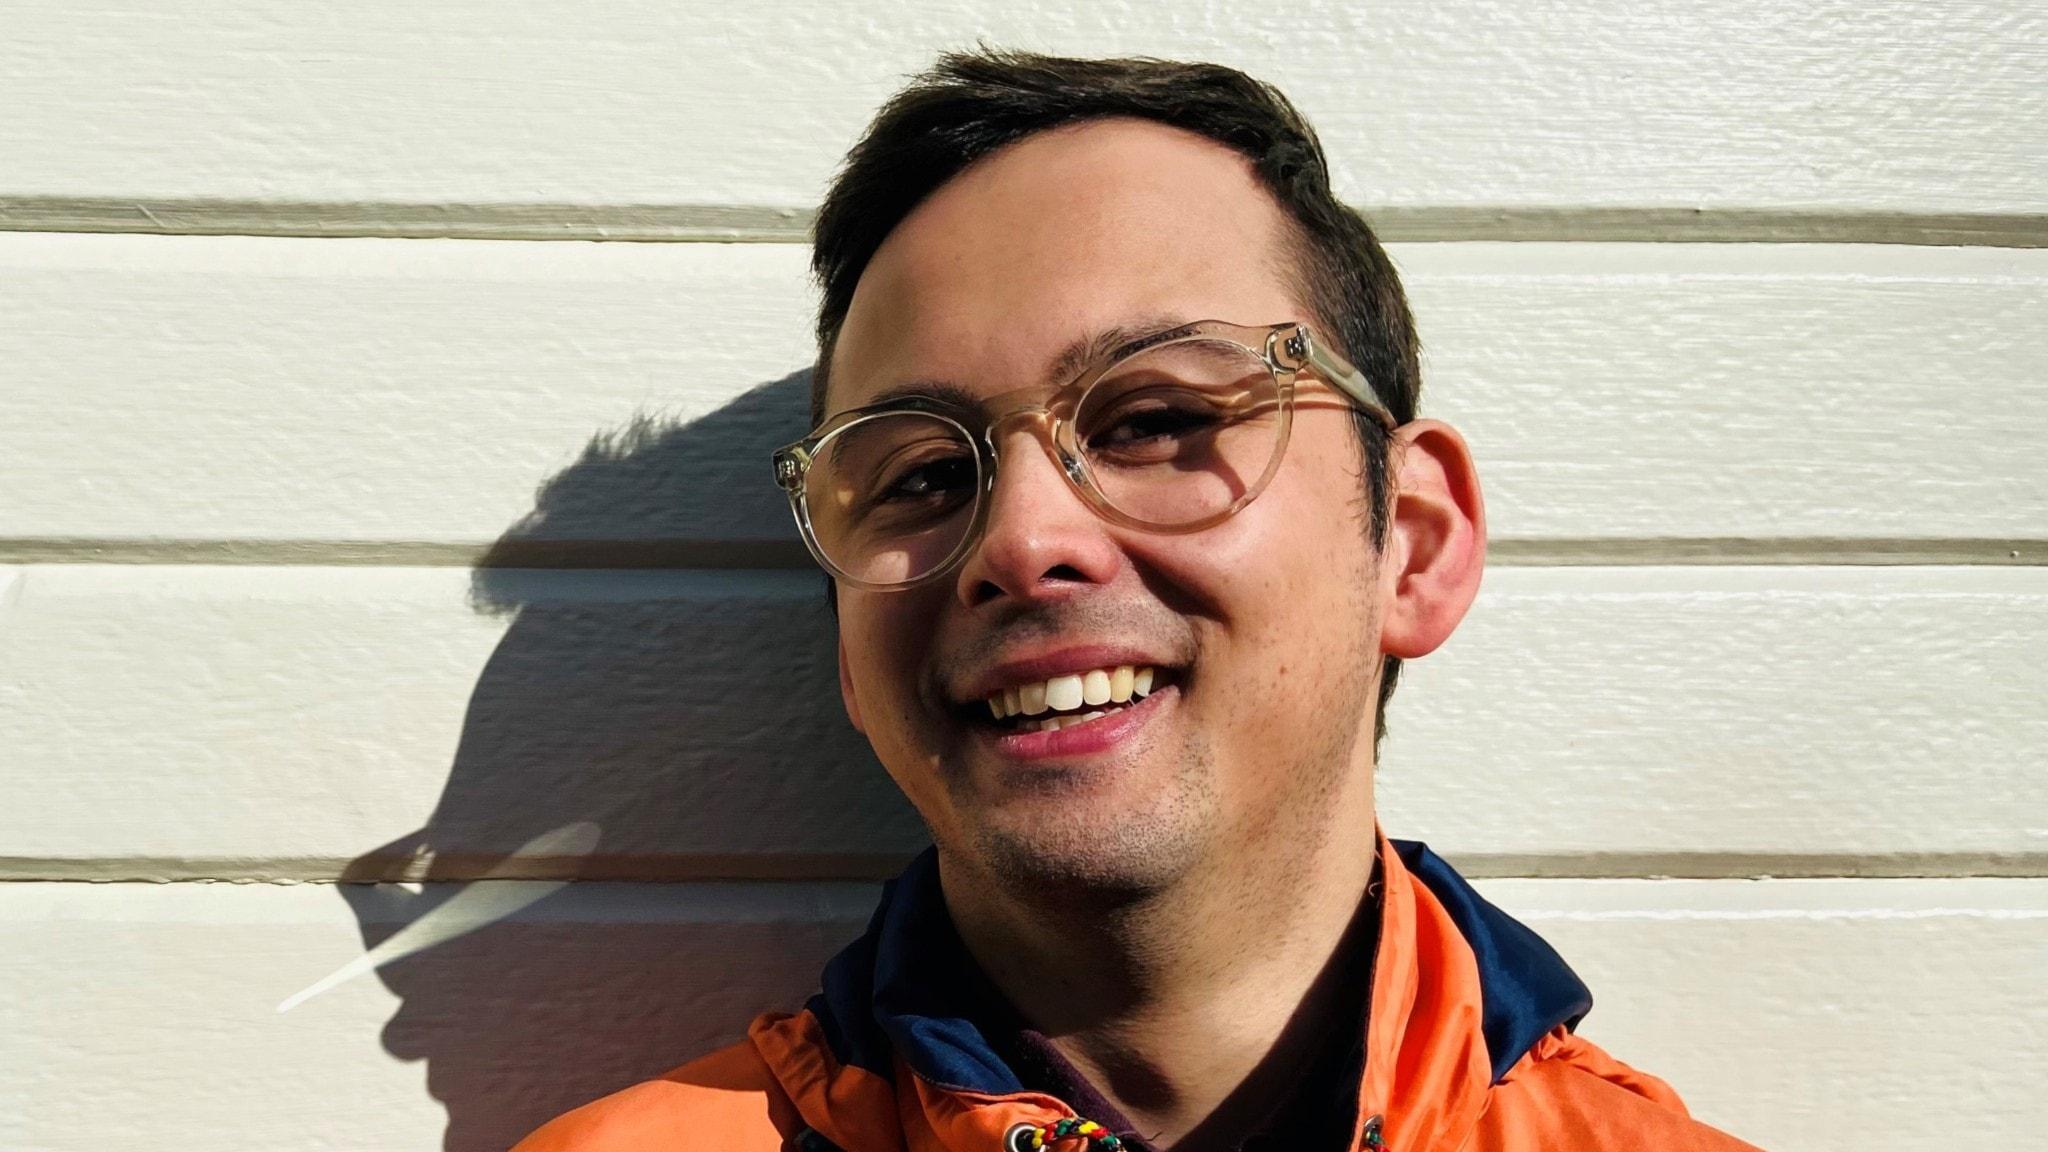 Ludvig Sjödin ler mot kameran. Han bär en orange jacka och transparenta glasögonbågar. Han står lutad mot en vit trävägg.